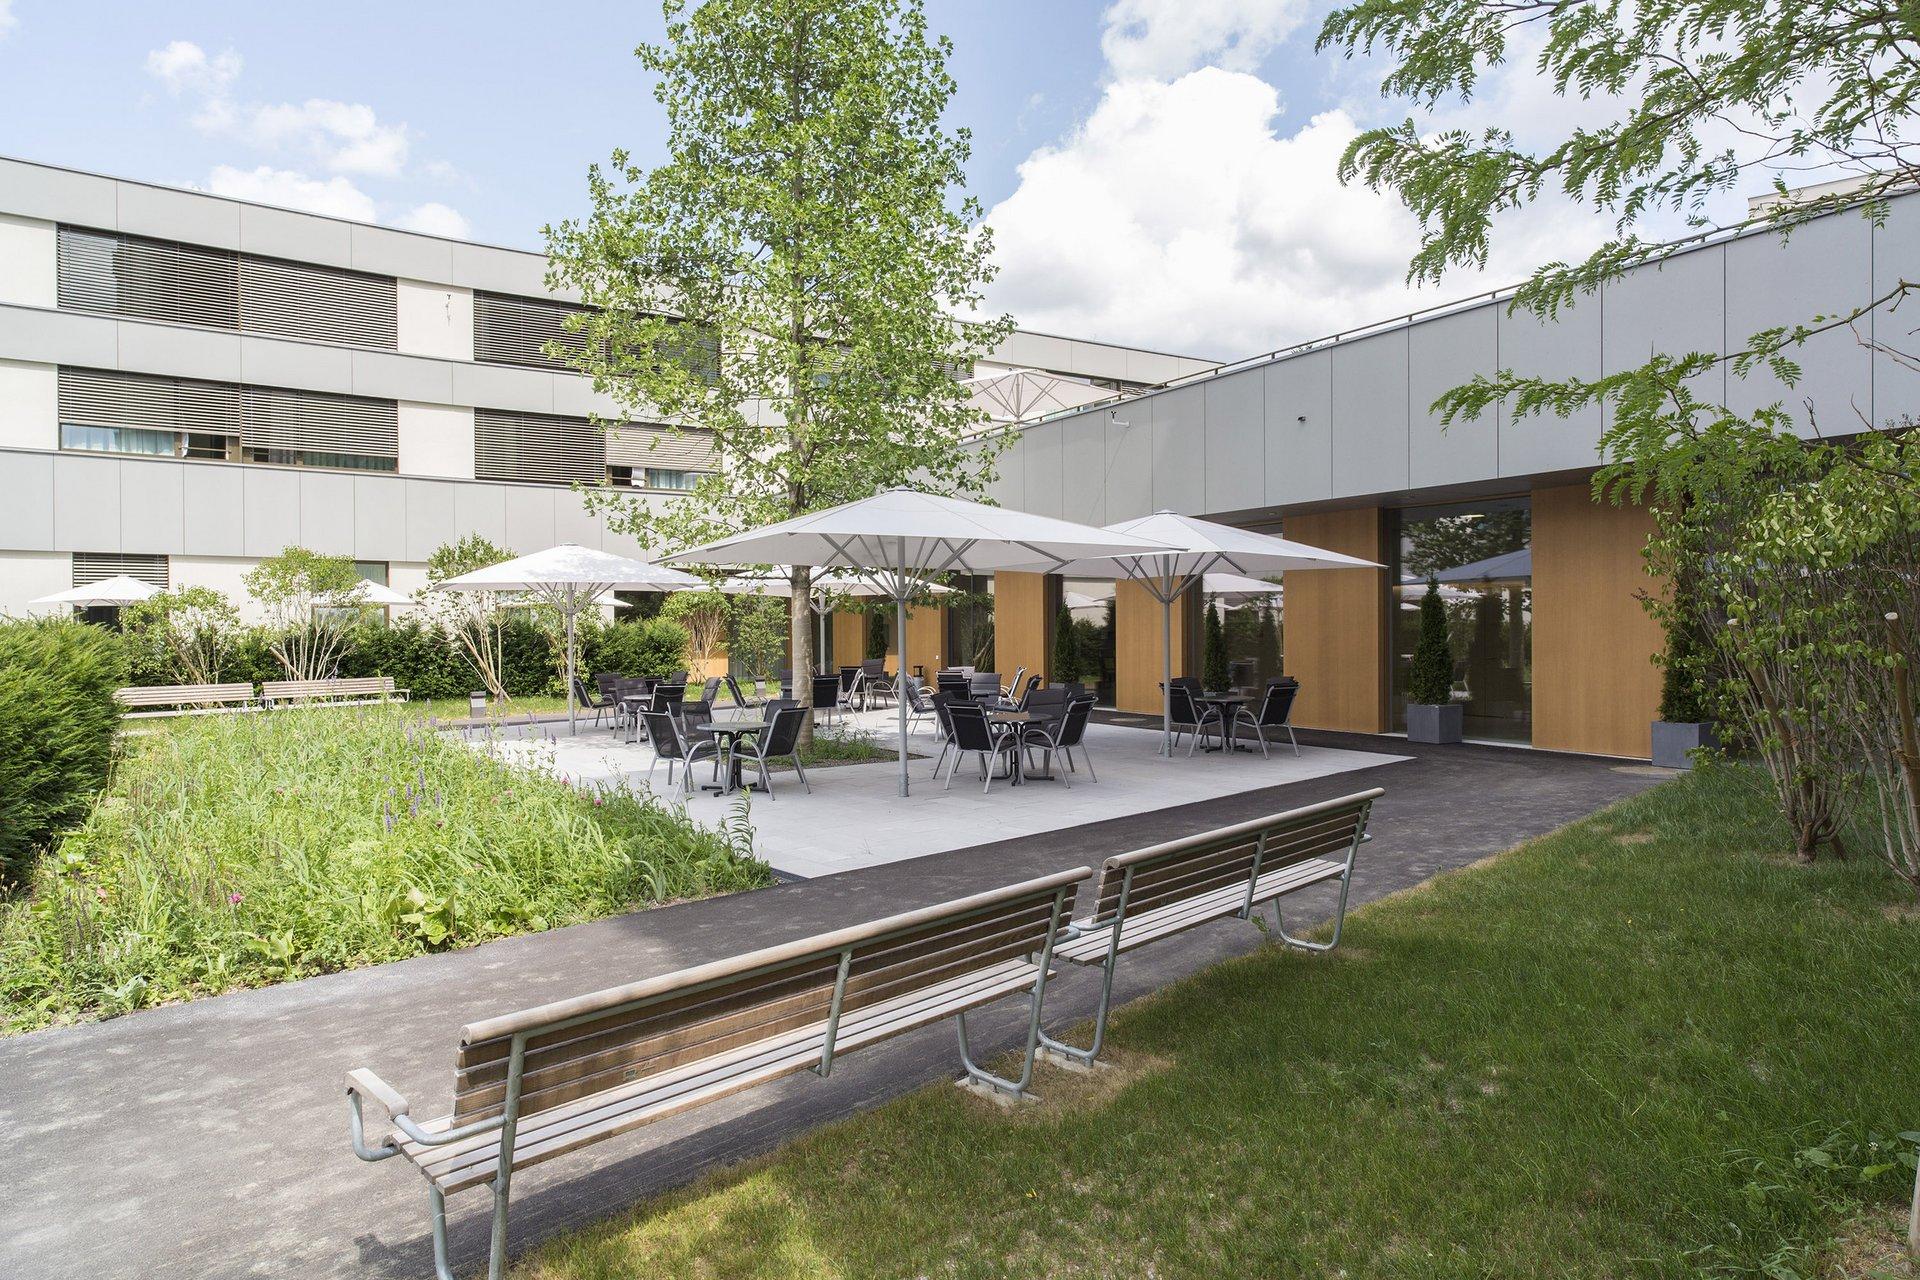 Freisitz Innenhof Seniorenzentrum bei Holz-Metallfenster Sichtschutz